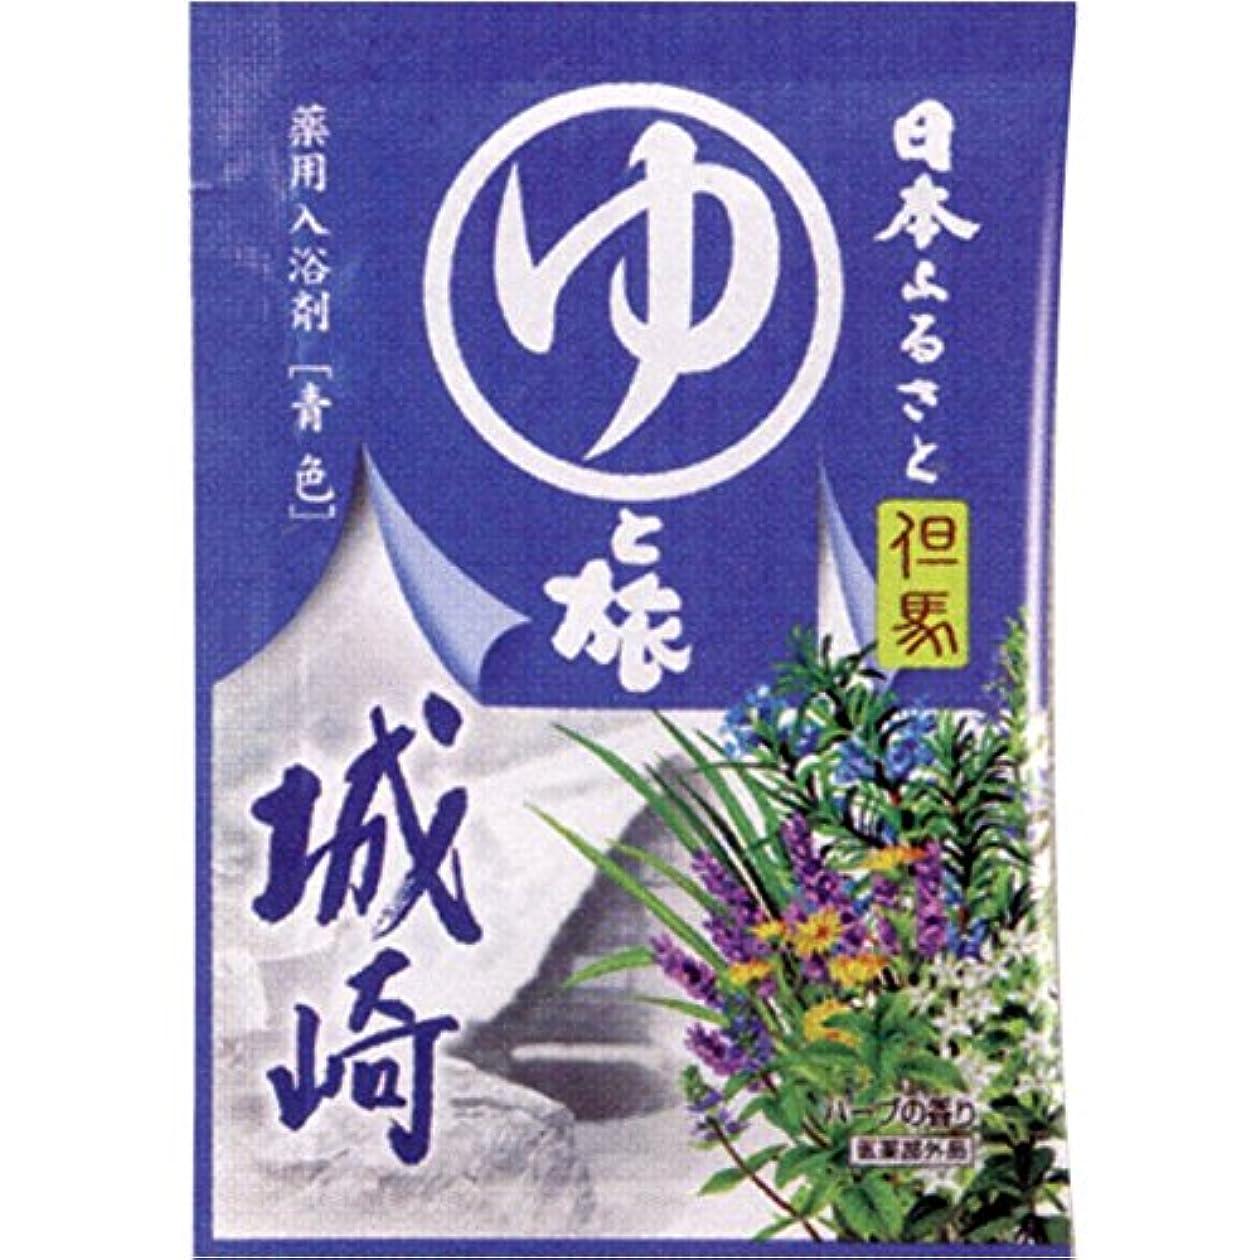 駐地非武装化支配するヤマサキの入浴剤シリーズ 城崎(入浴剤)